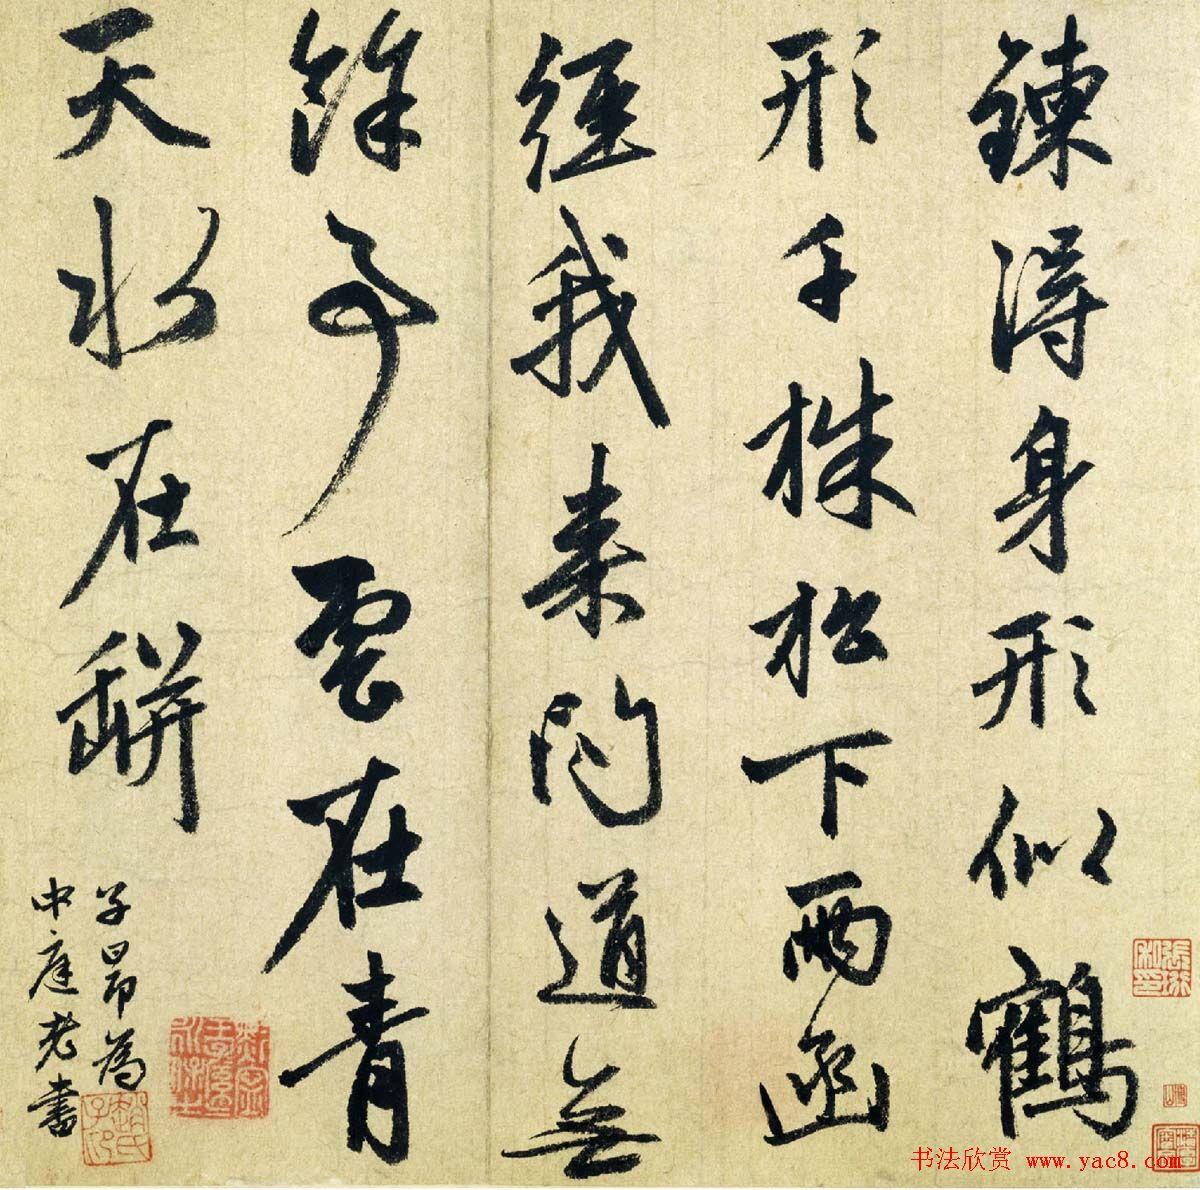 赵孟頫行书作品《李翱七言绝句诗》